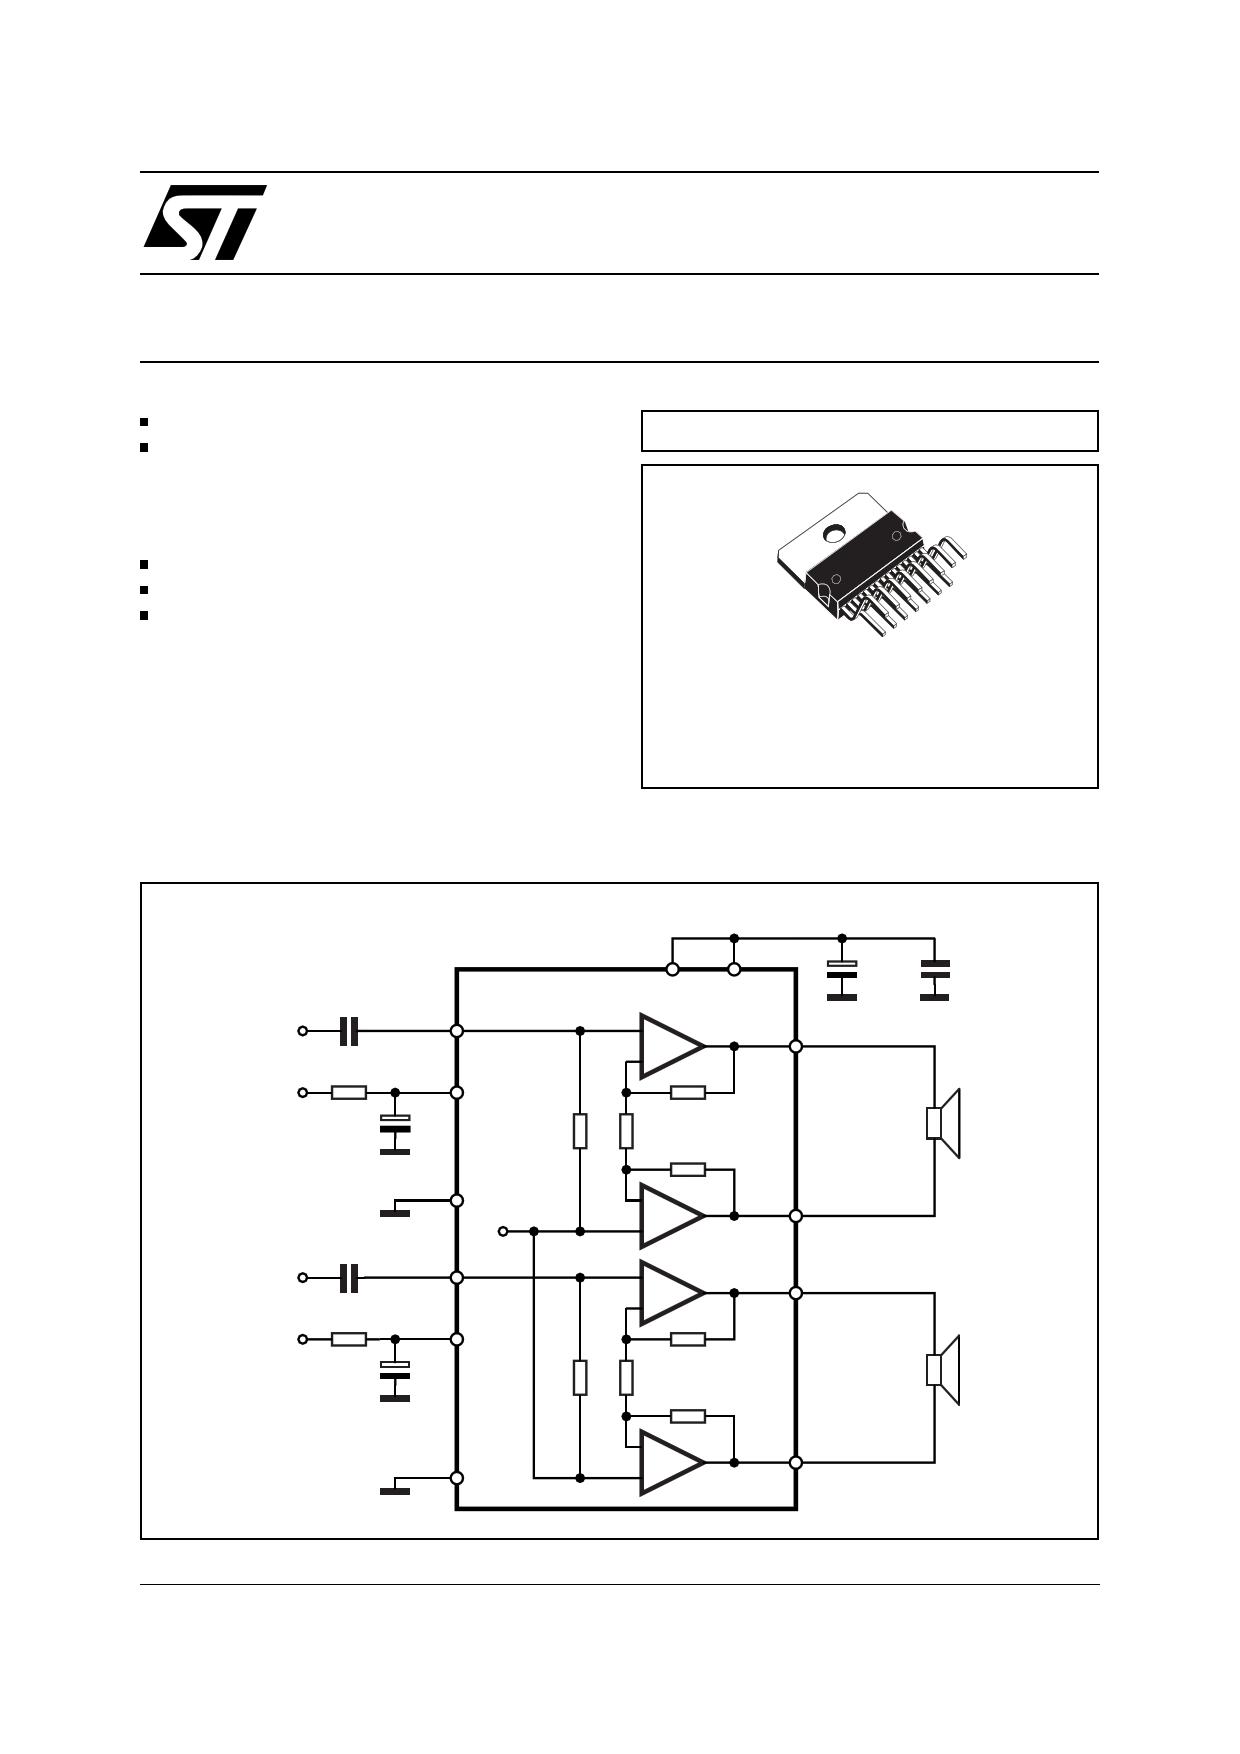 TDA7297 datasheet pinout